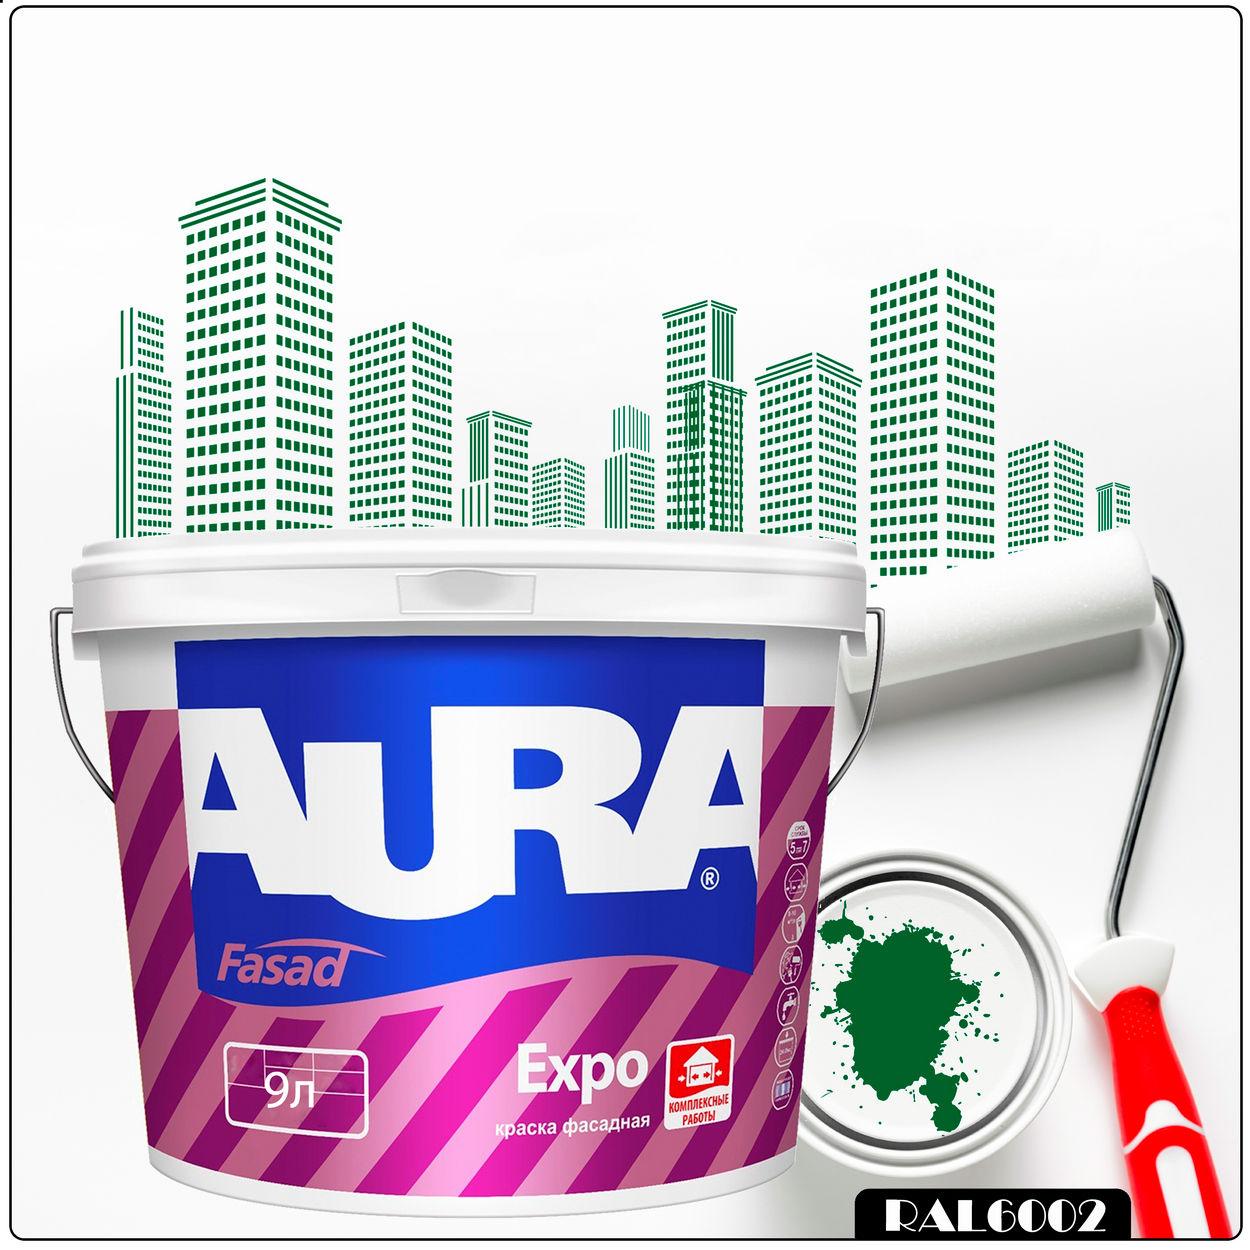 Фото 3 - Краска Aura Fasad Expo, RAL 6002 Зеленый-лист, матовая, для фасадов и помещений с повышенной влажностью, 9л.